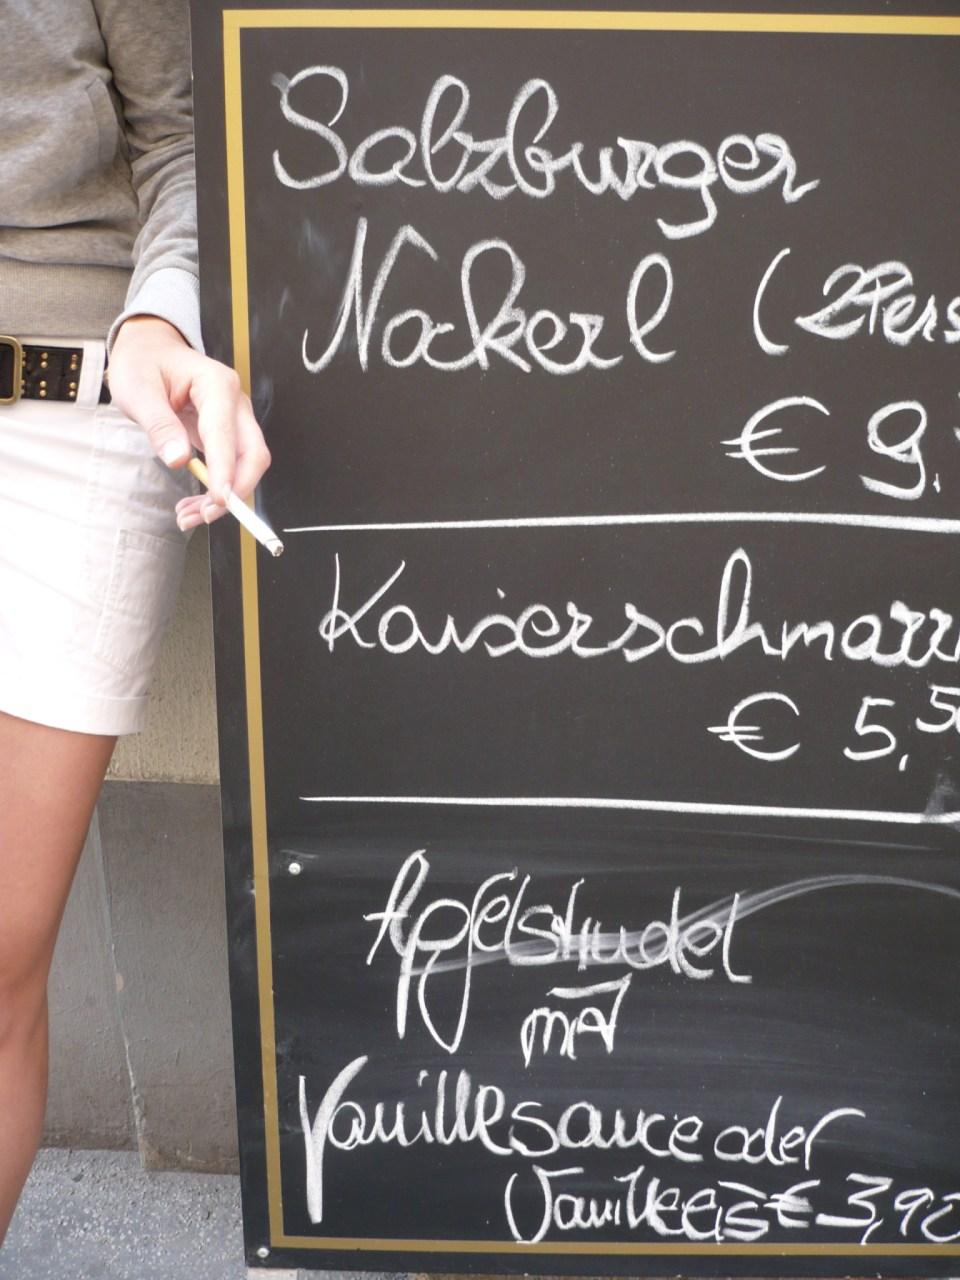 Salzburger Nockerl mit Rauch